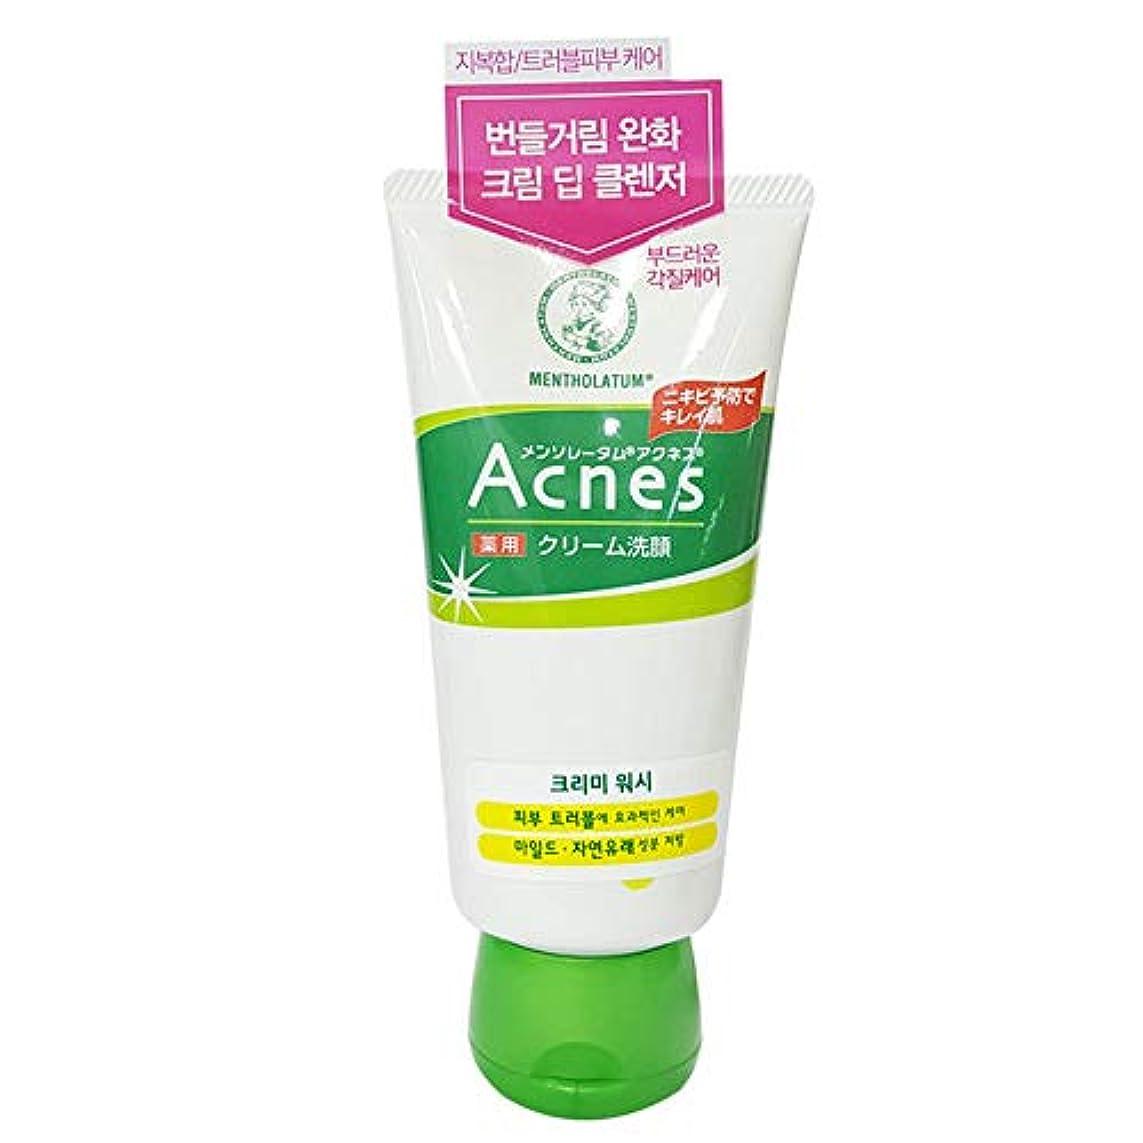 タップかまど業界[Acnes] アクネス クリーミー ウォッシュ Creamy Wash メイク落とし - Acne Break Face Cleanser, Balance Oil Control Foaming Cleansing Mild Exfoliator for Oily and Sensitive Skin Korean Skincare #Dab1159